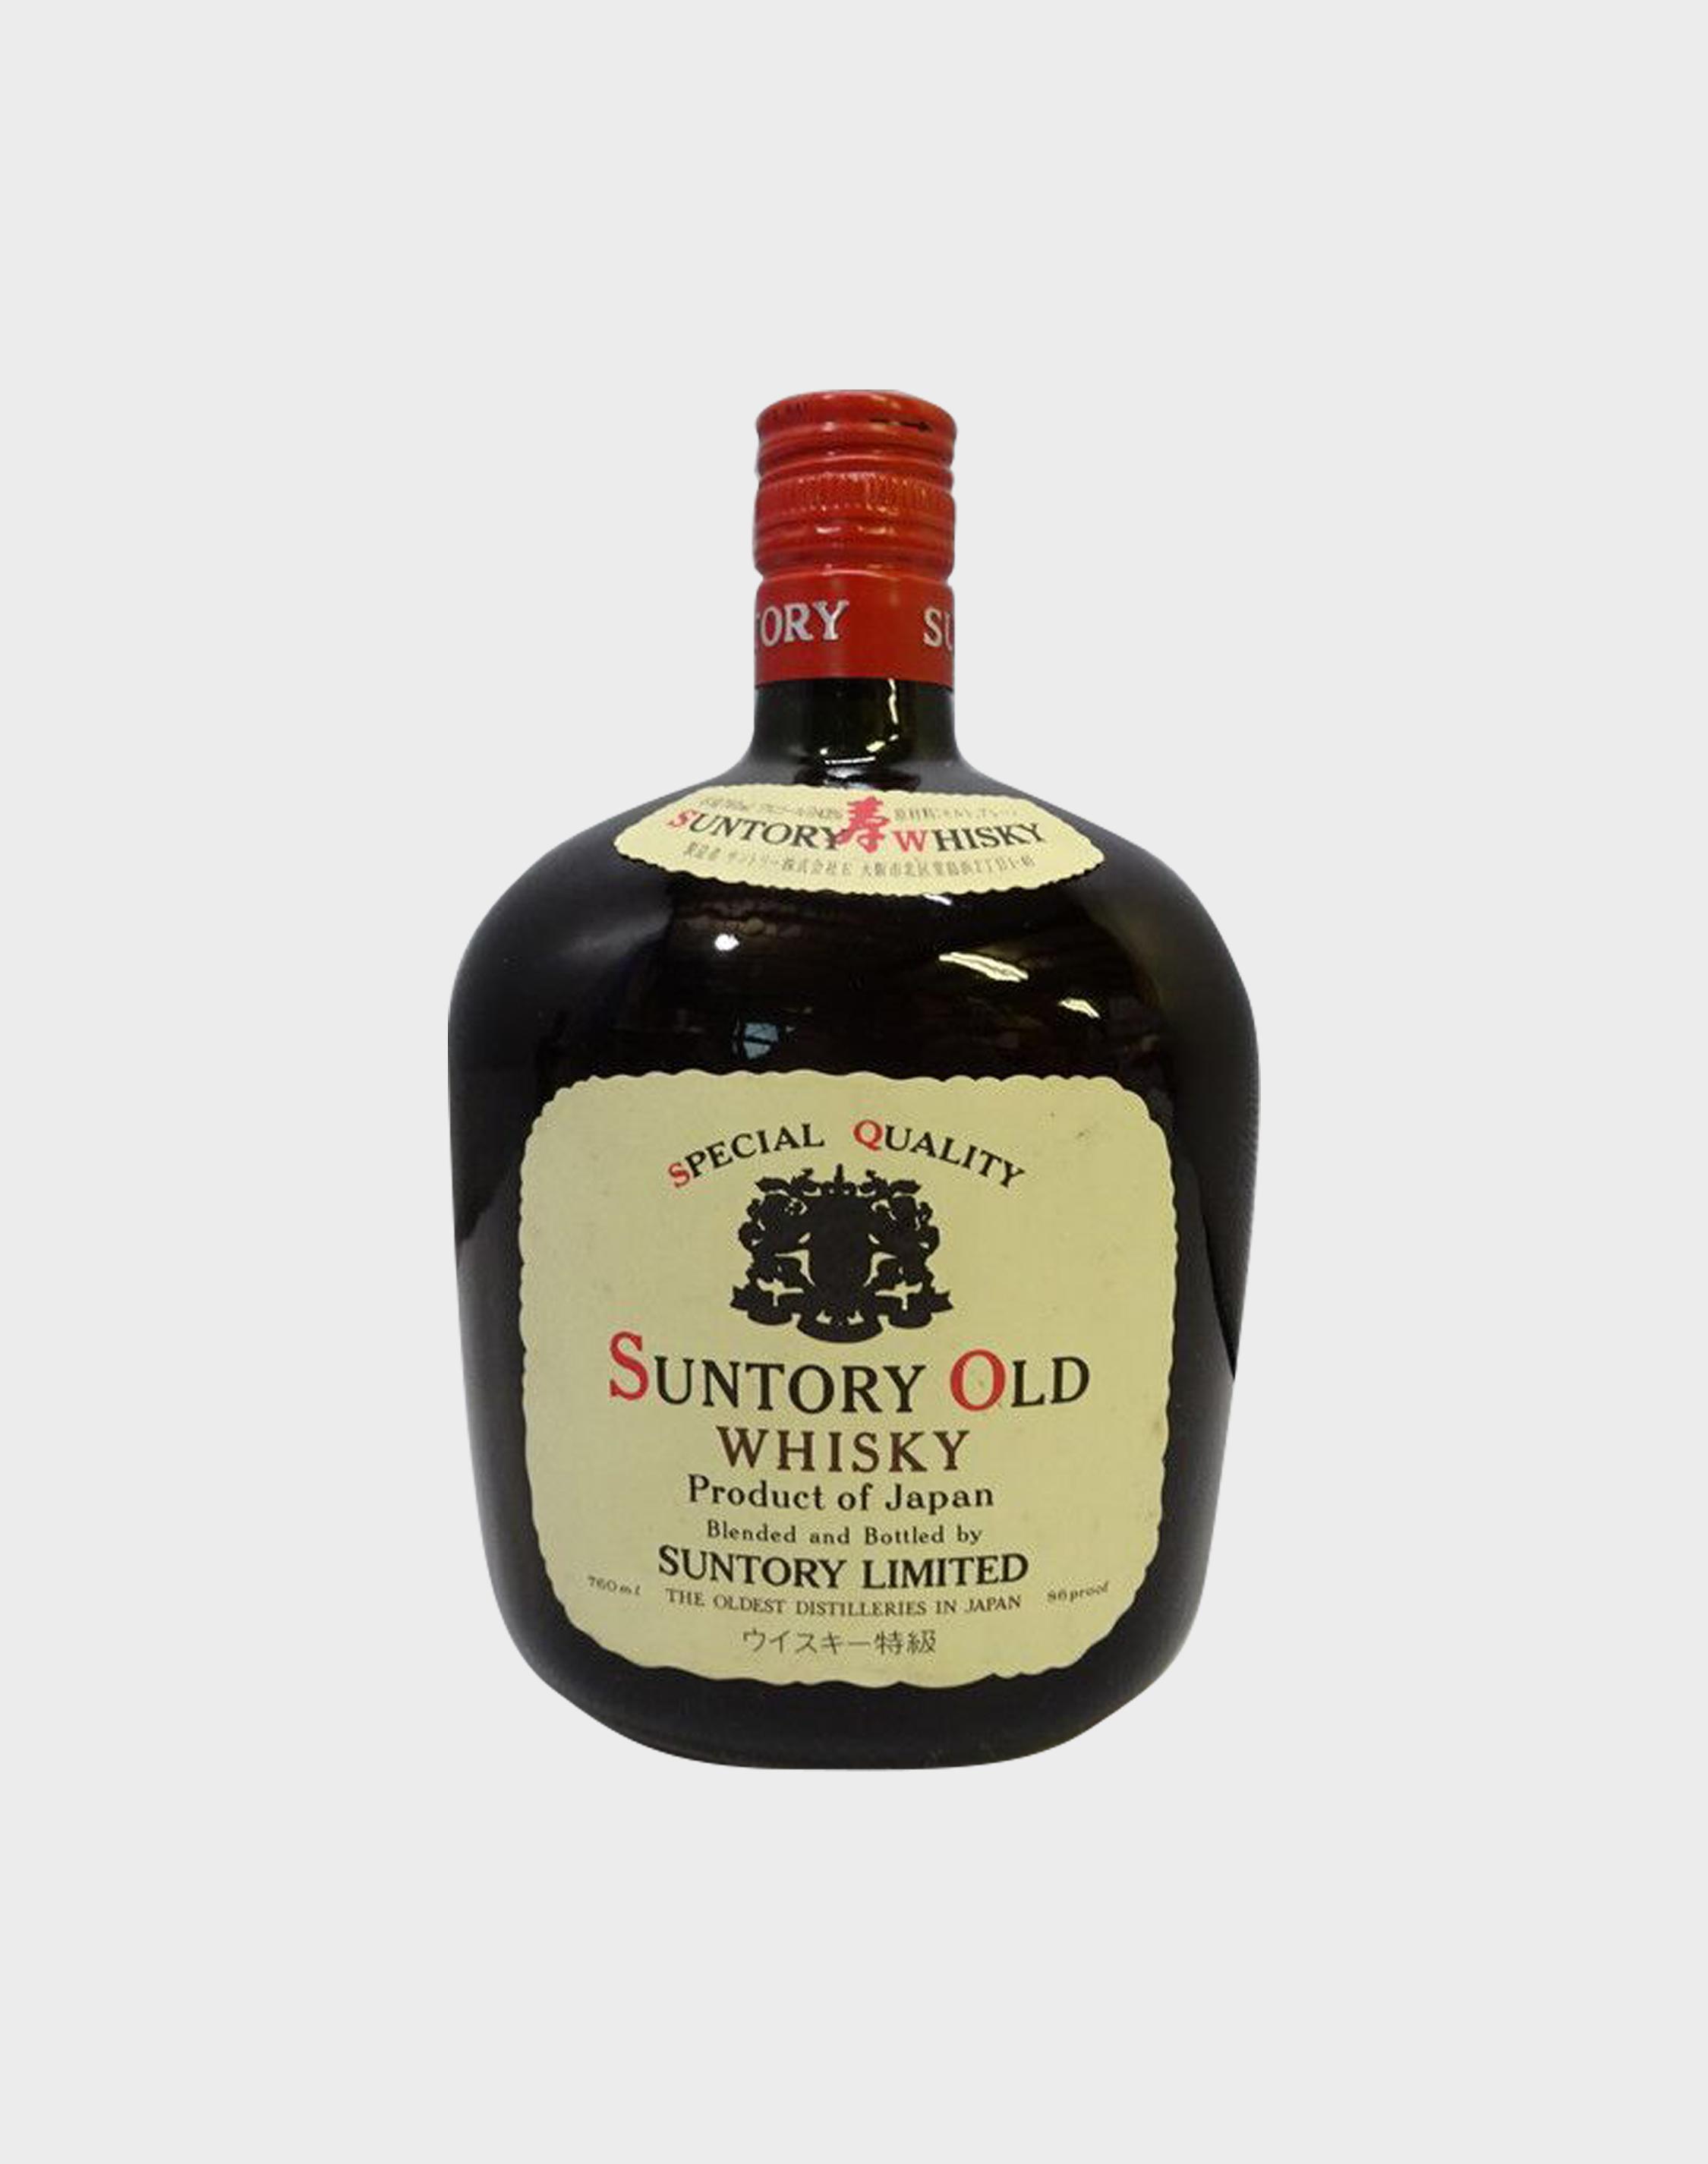 Suntory Old Whisky (No Box)